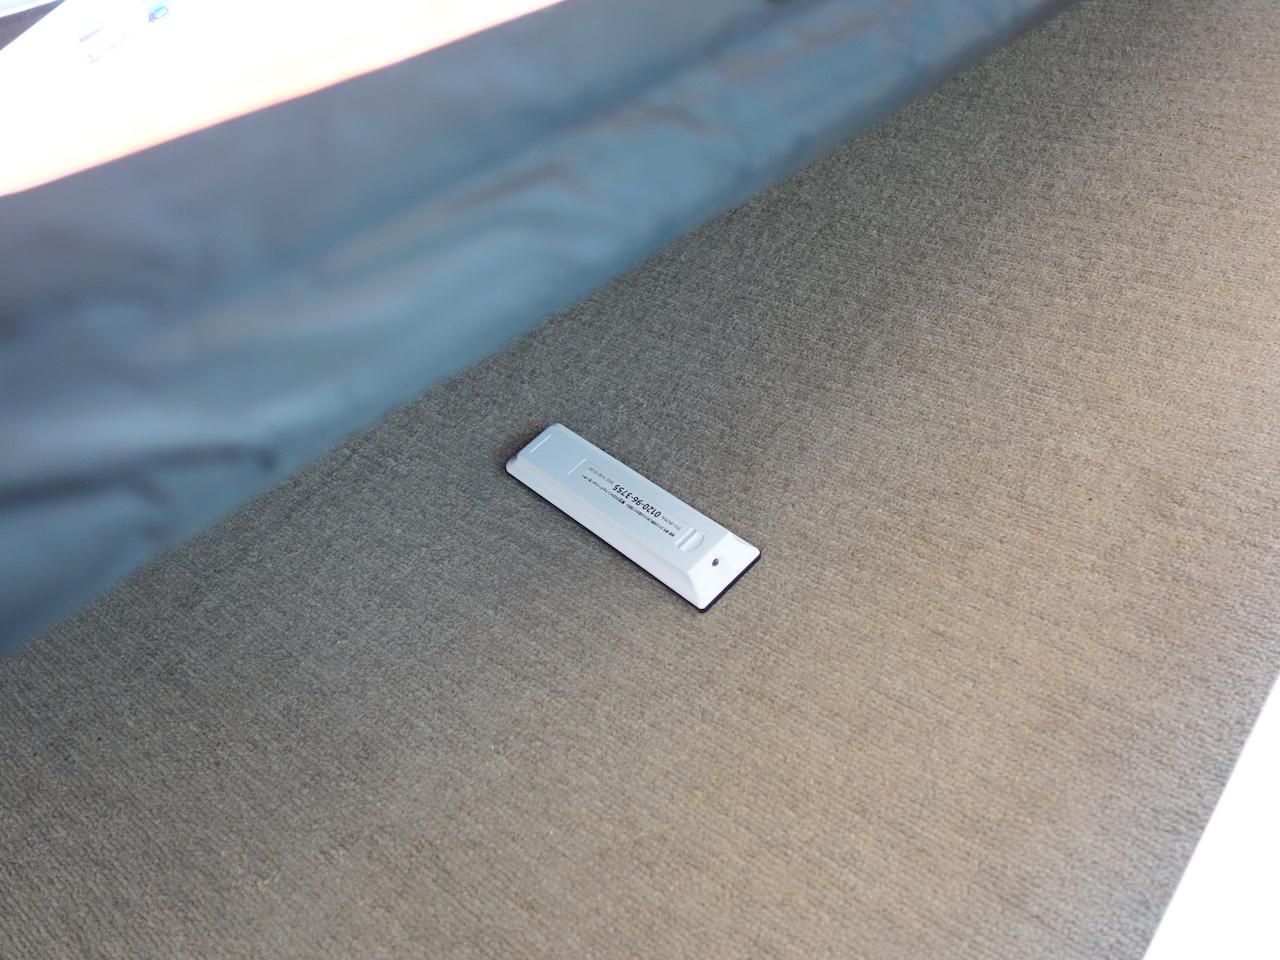 結局、車中泊での段差解消には10cmのエアーマットが必要だった!快適な睡眠を手に入れたぞ